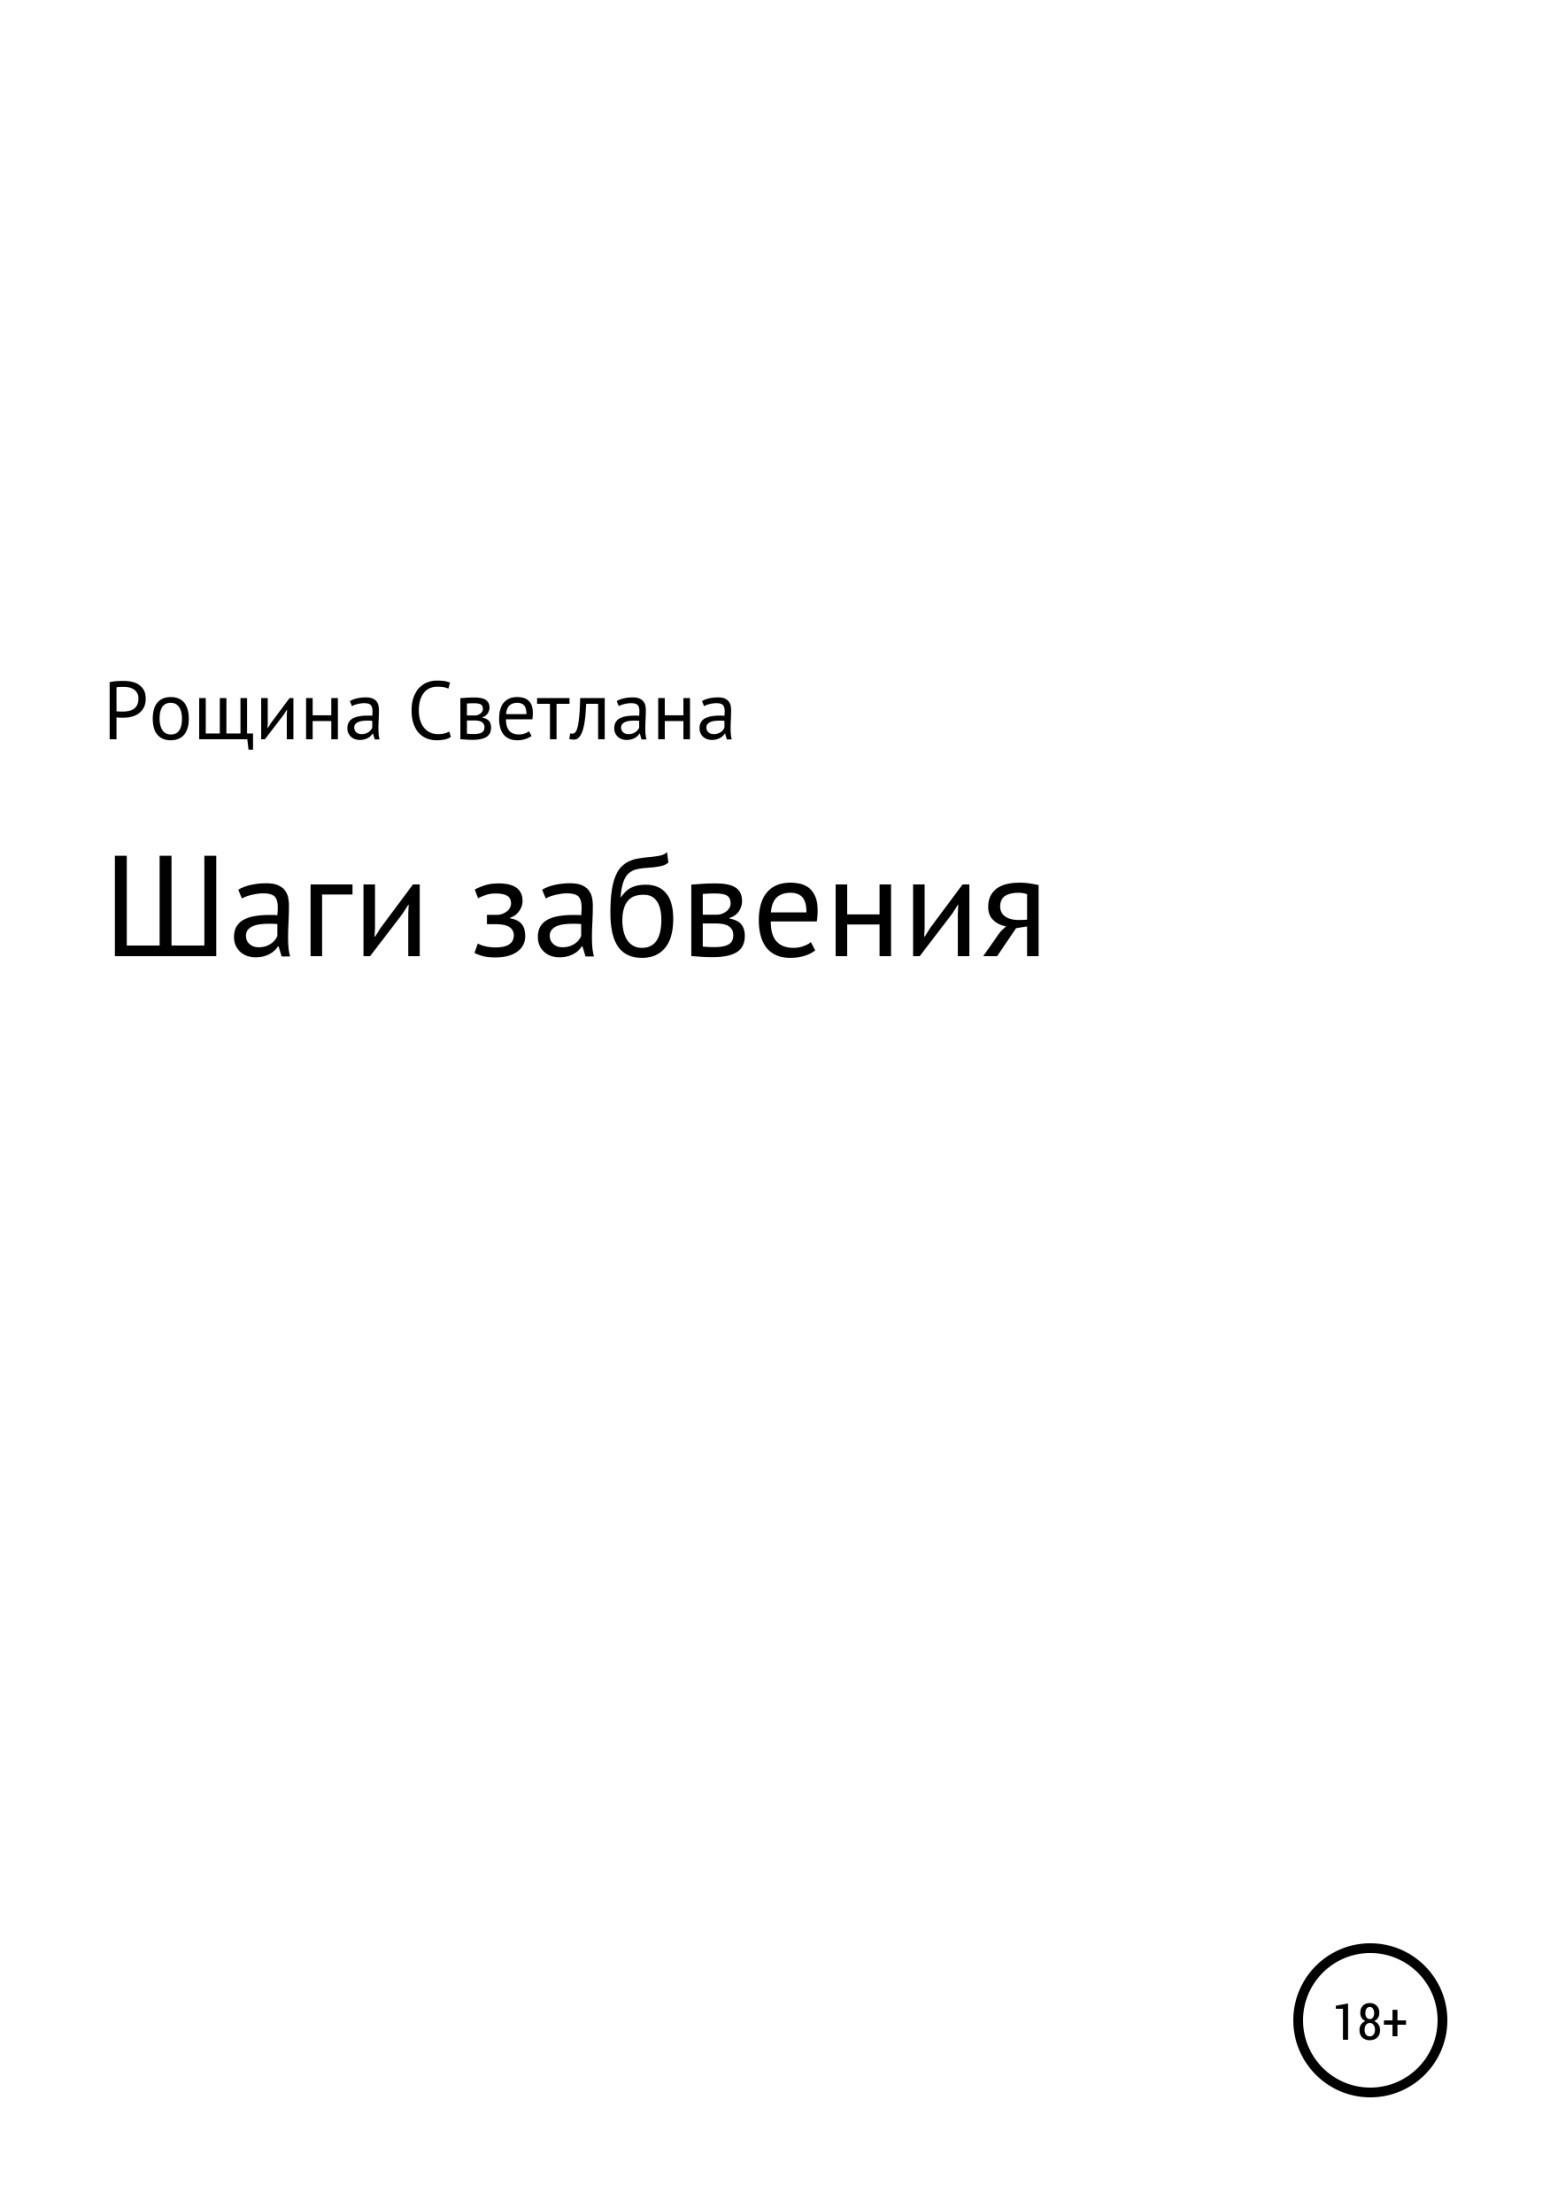 Светлана Рощина «Шаги забвения»